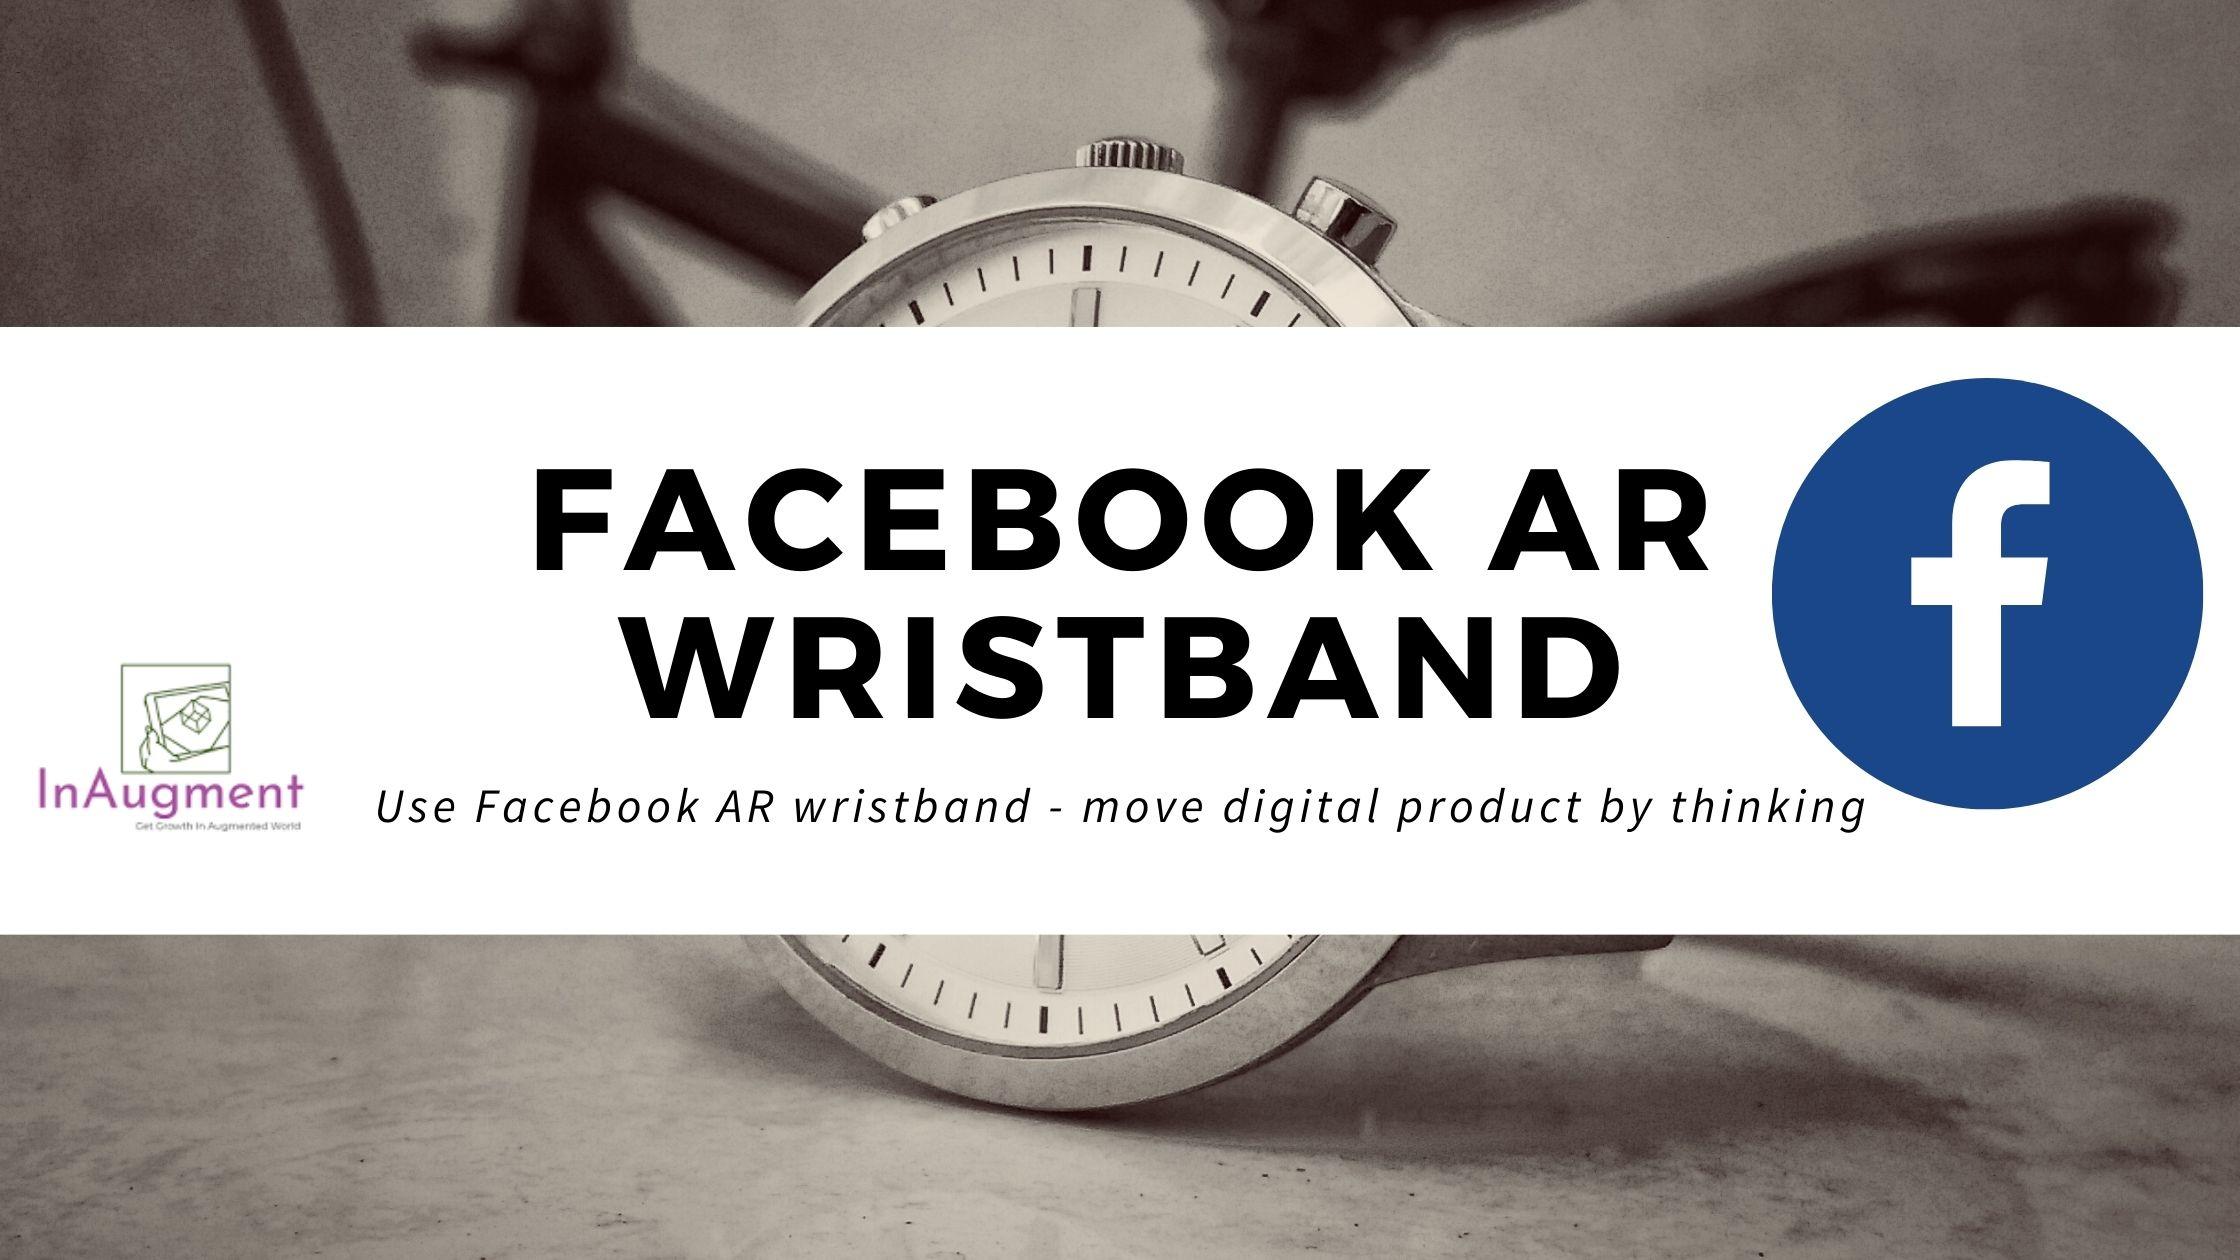 Facebook AR Wristband